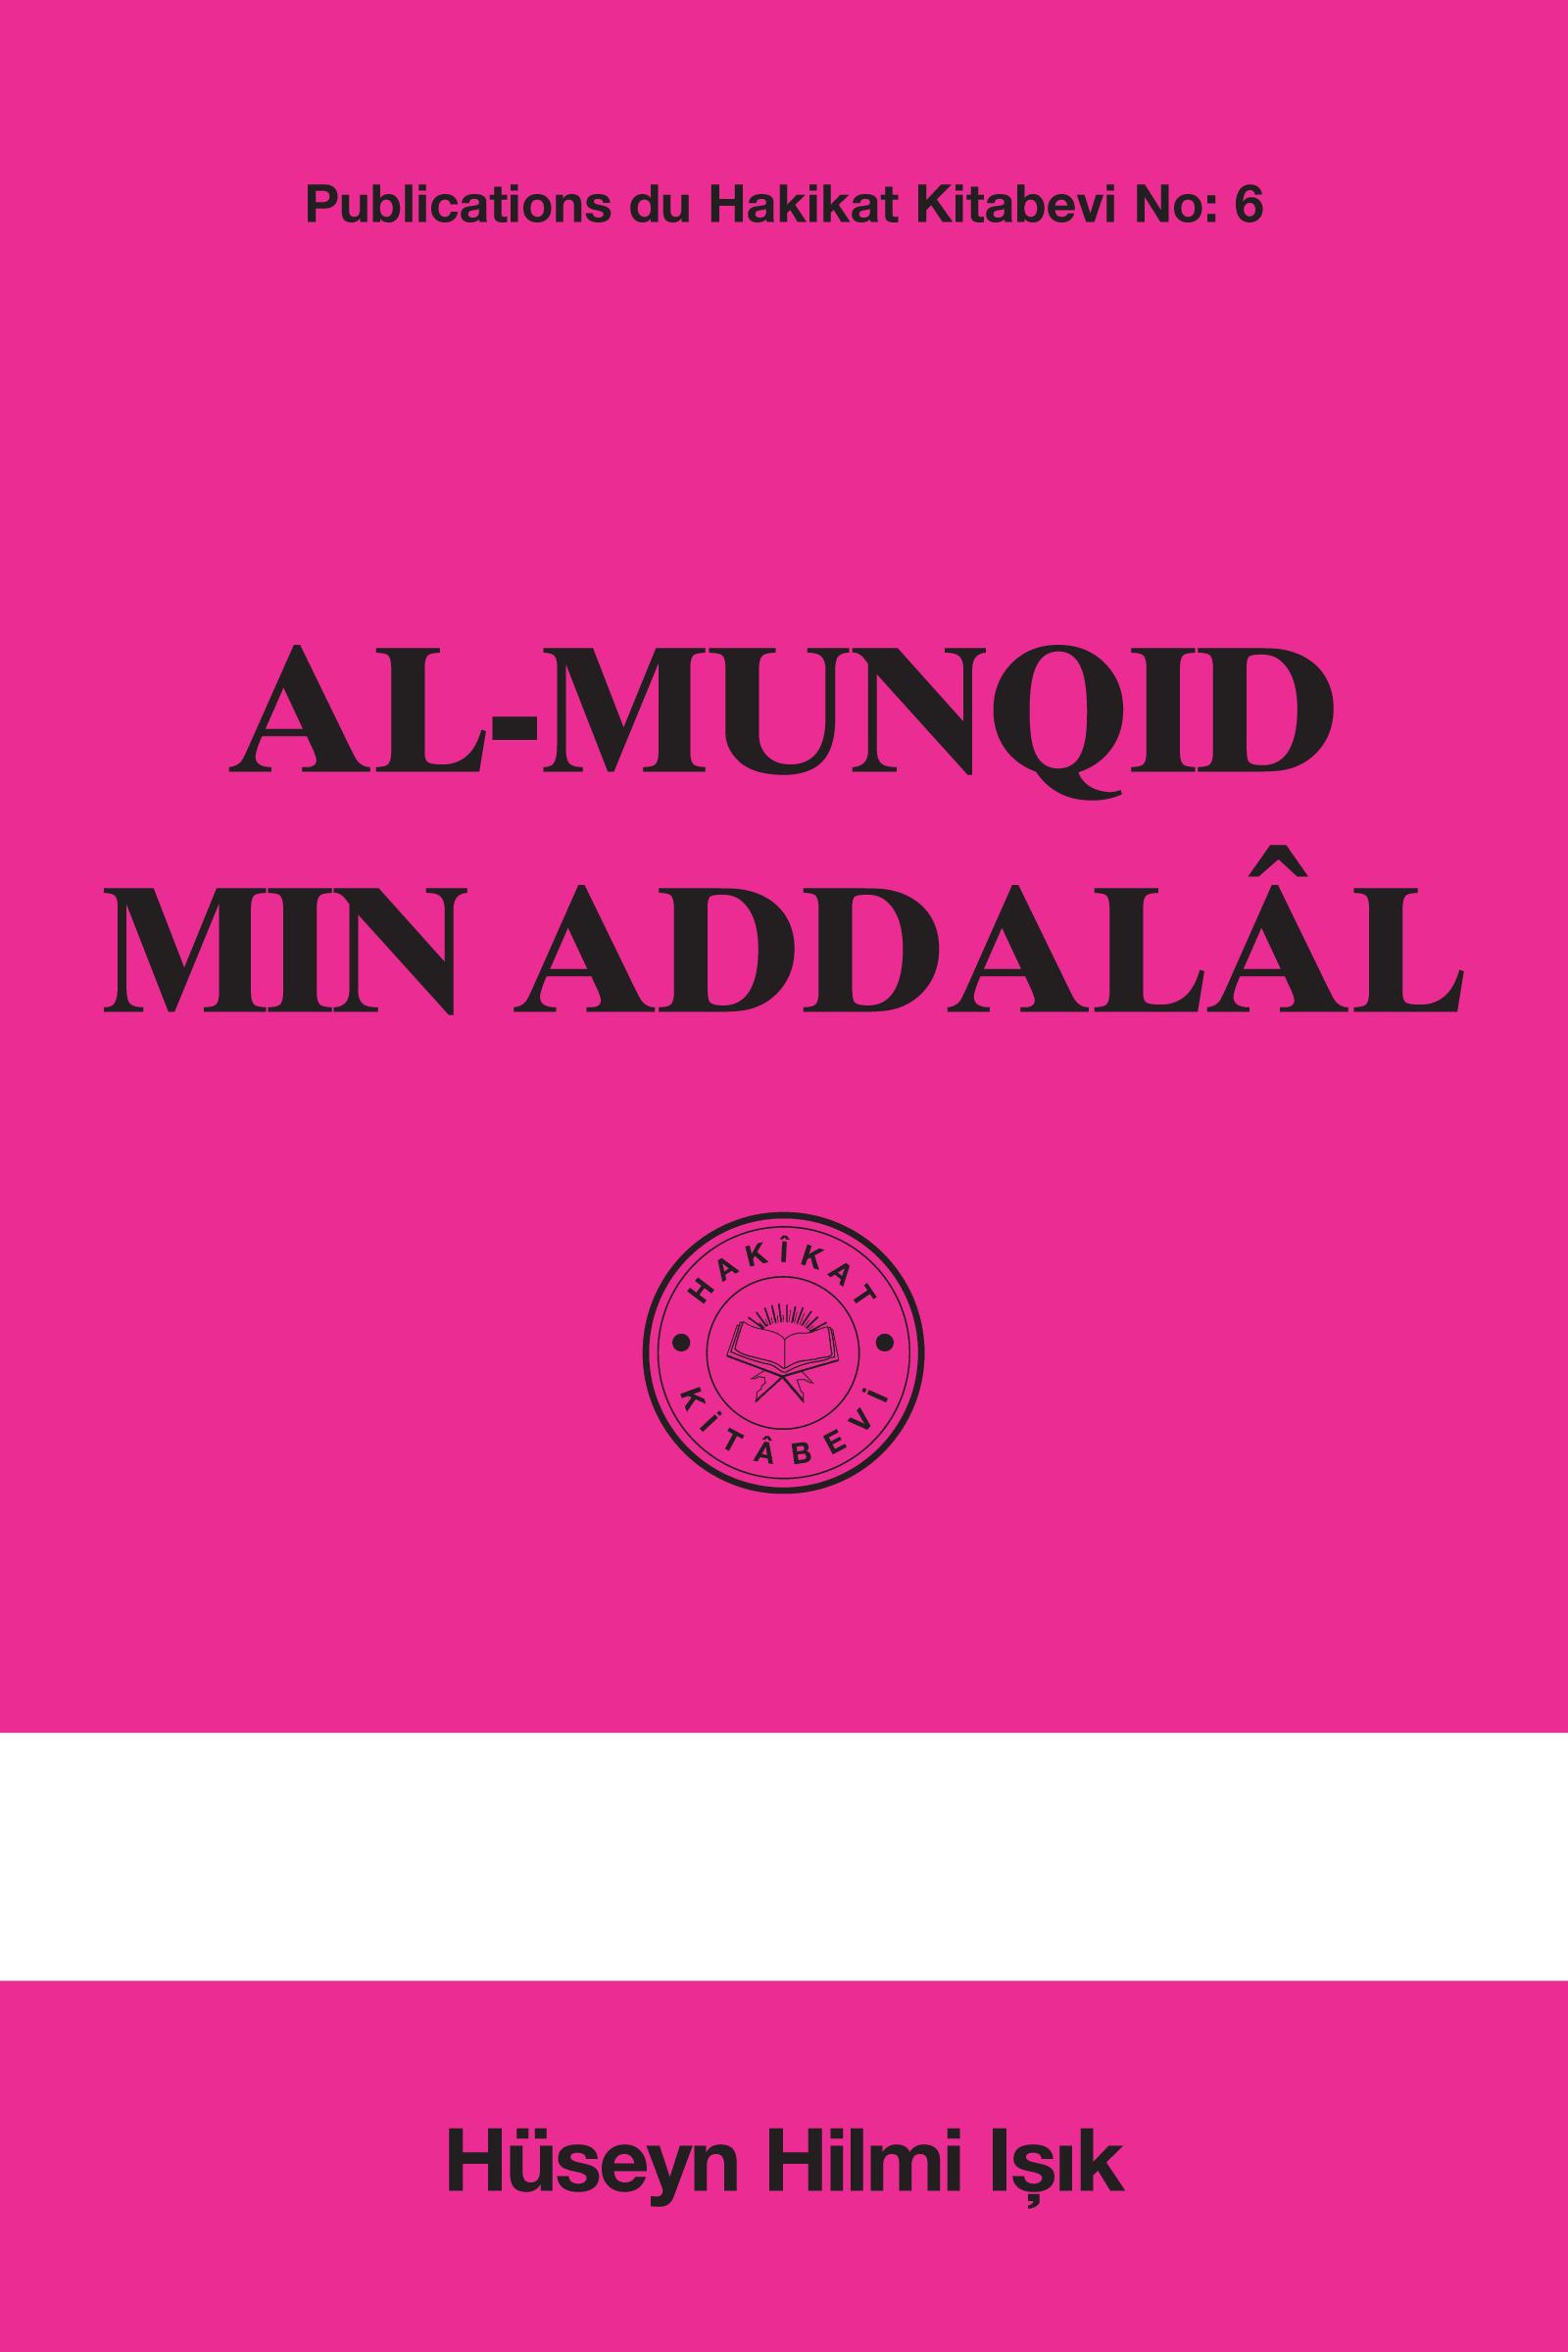 Al-Munqid min ad'Dalal